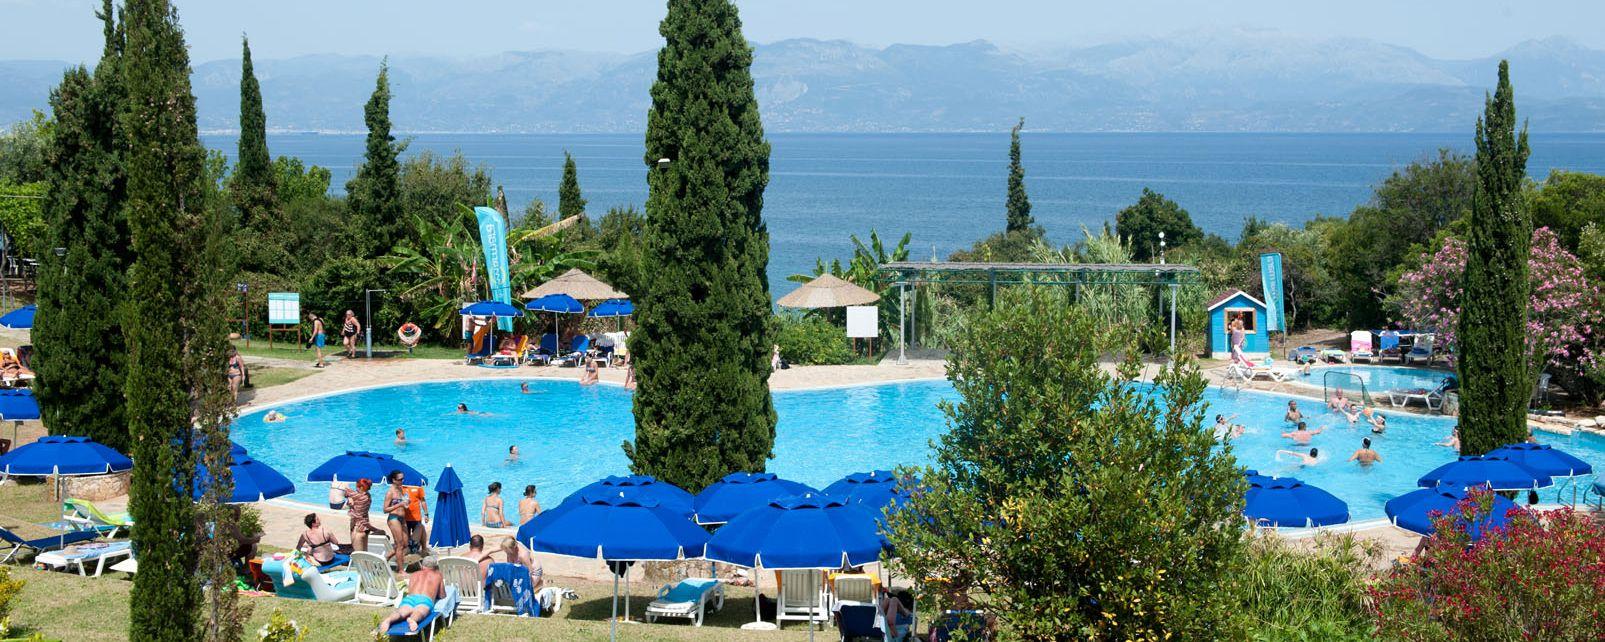 Favori Hôtel Club Lookéa Kalamata, Petalidi, Grèce AW22